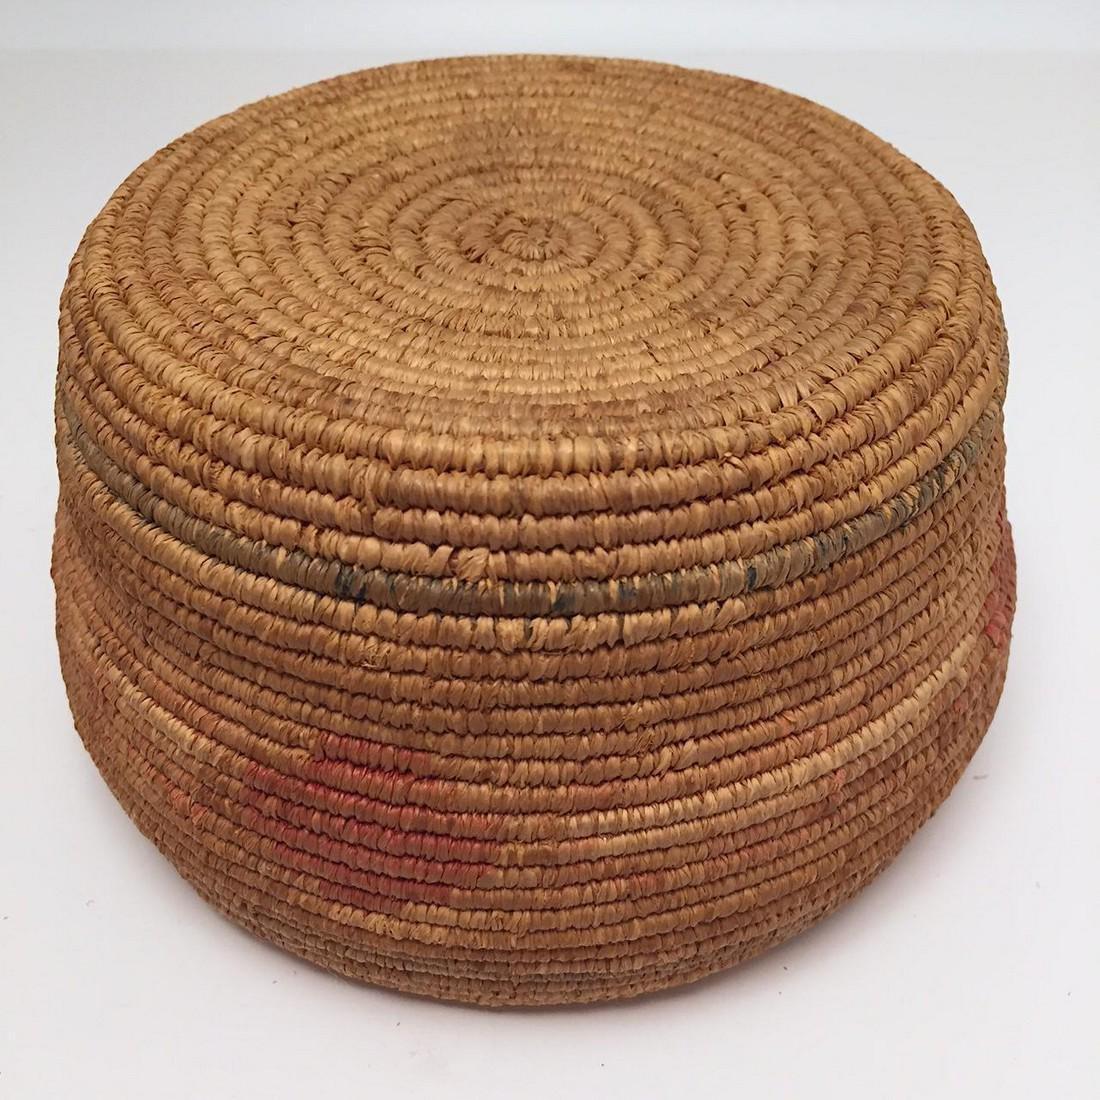 Northwest Coast Salish Lidded Coiled Basket - 3